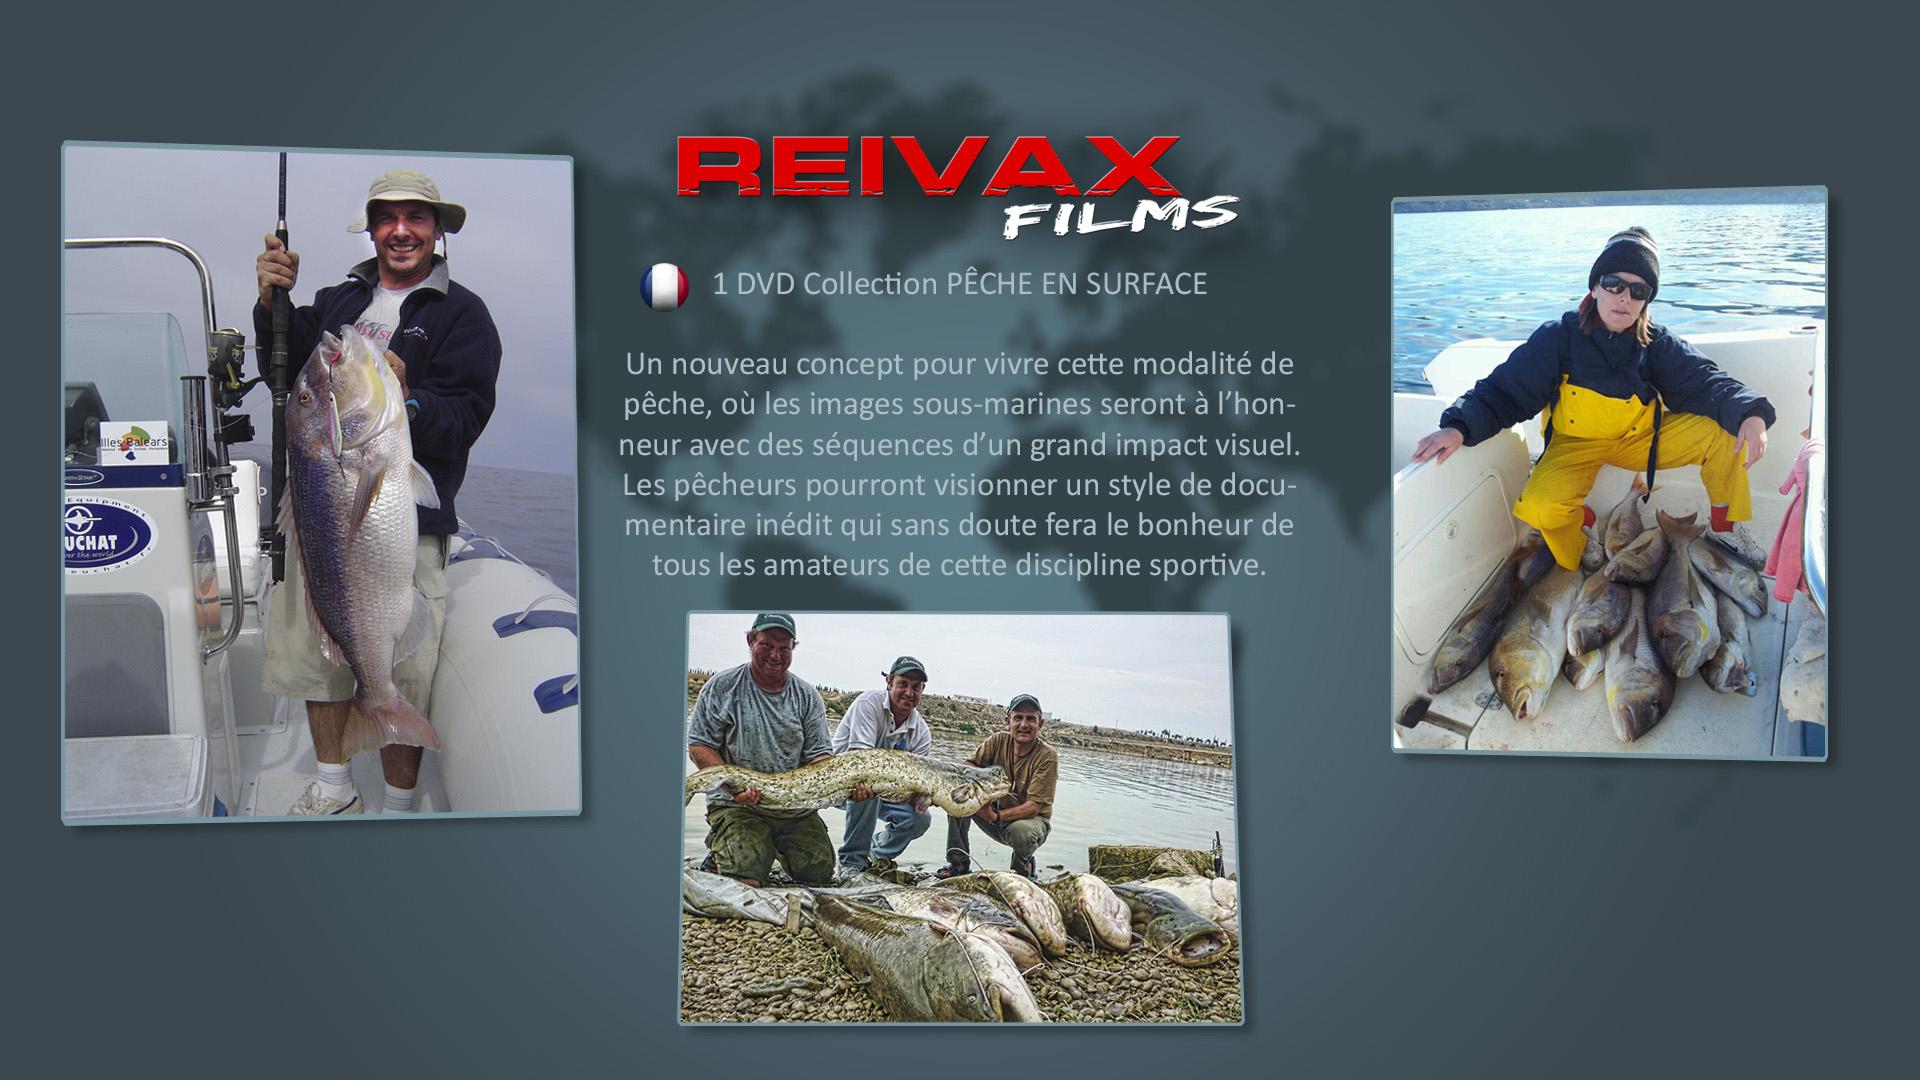 ReivaxFilms_Peche en surface